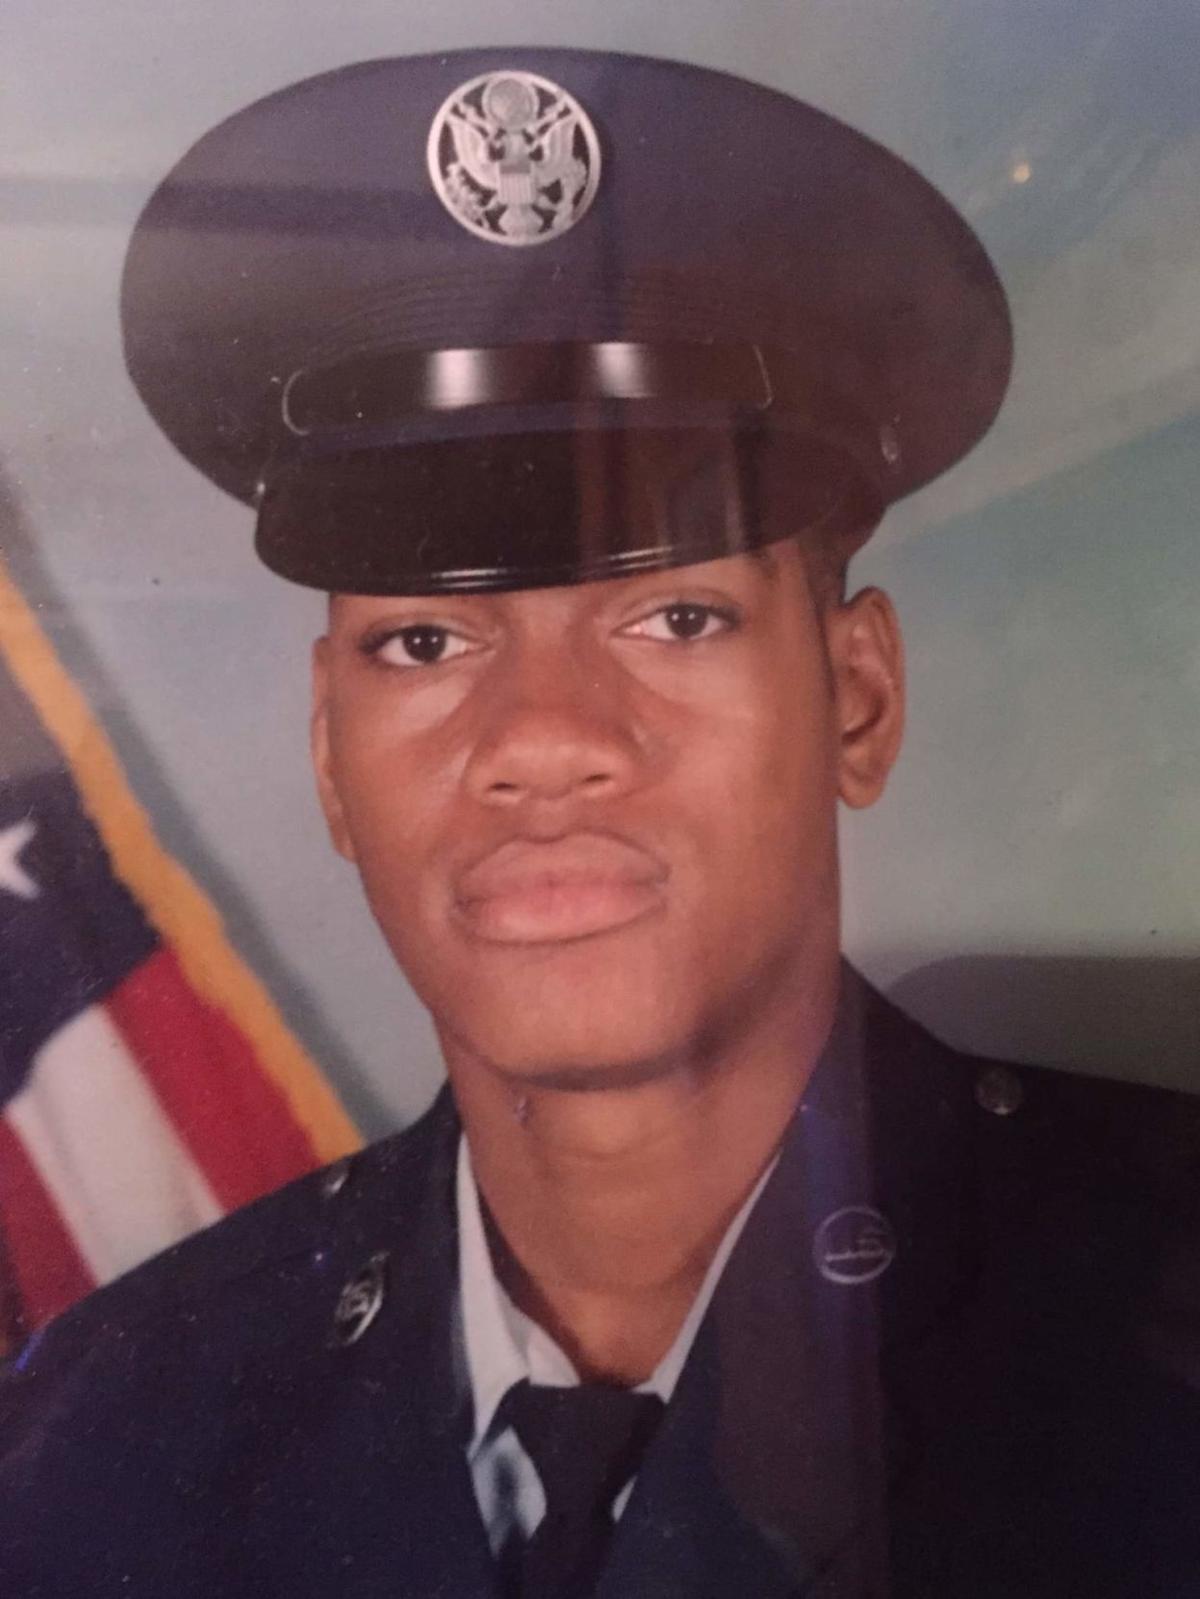 Antoine White in the USAF